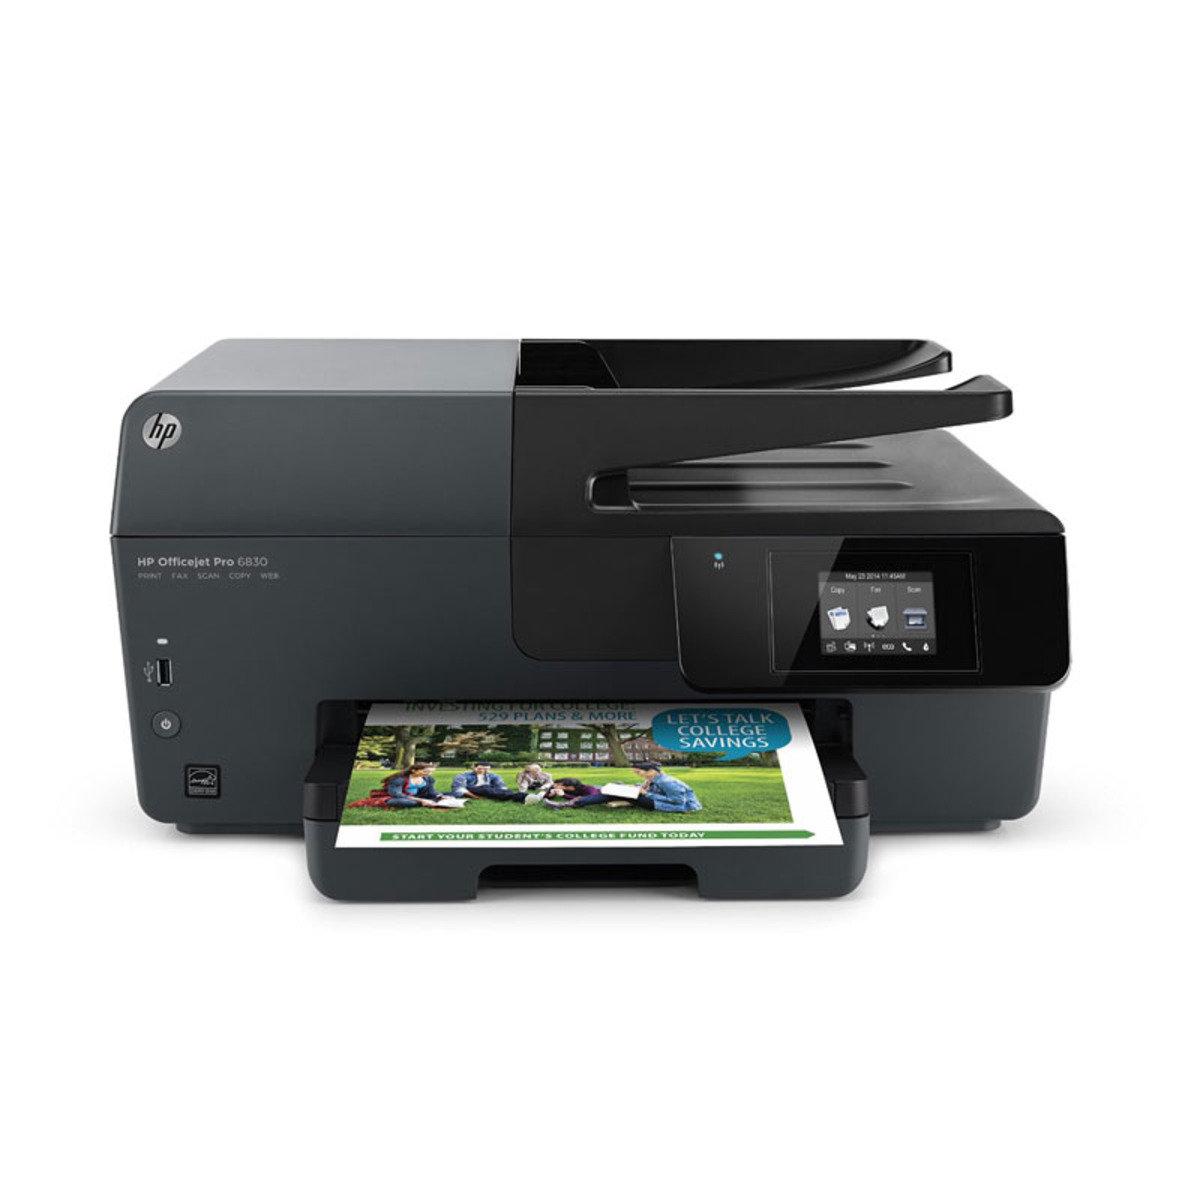 HP Officejet 商業油墨多功能打印機 Officejet Pro 6830